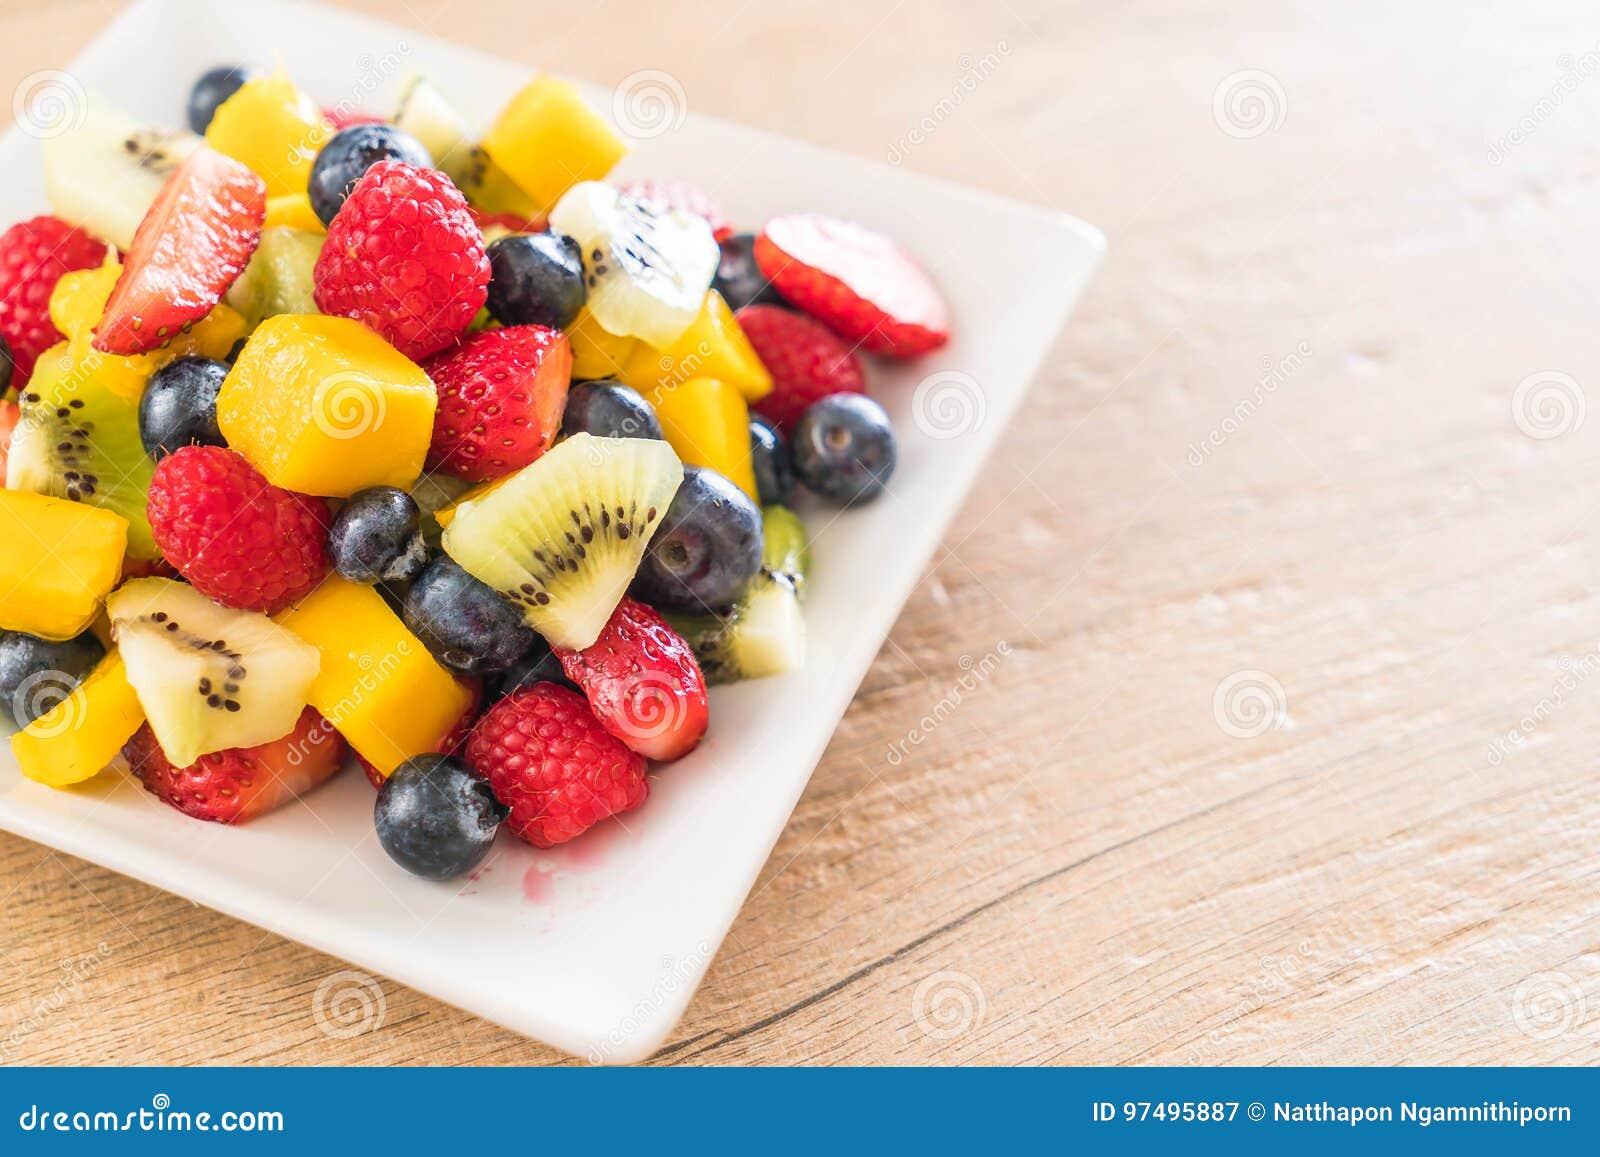 Frutta fresca mista (fragola, lampone, mirtillo, kiwi, mang